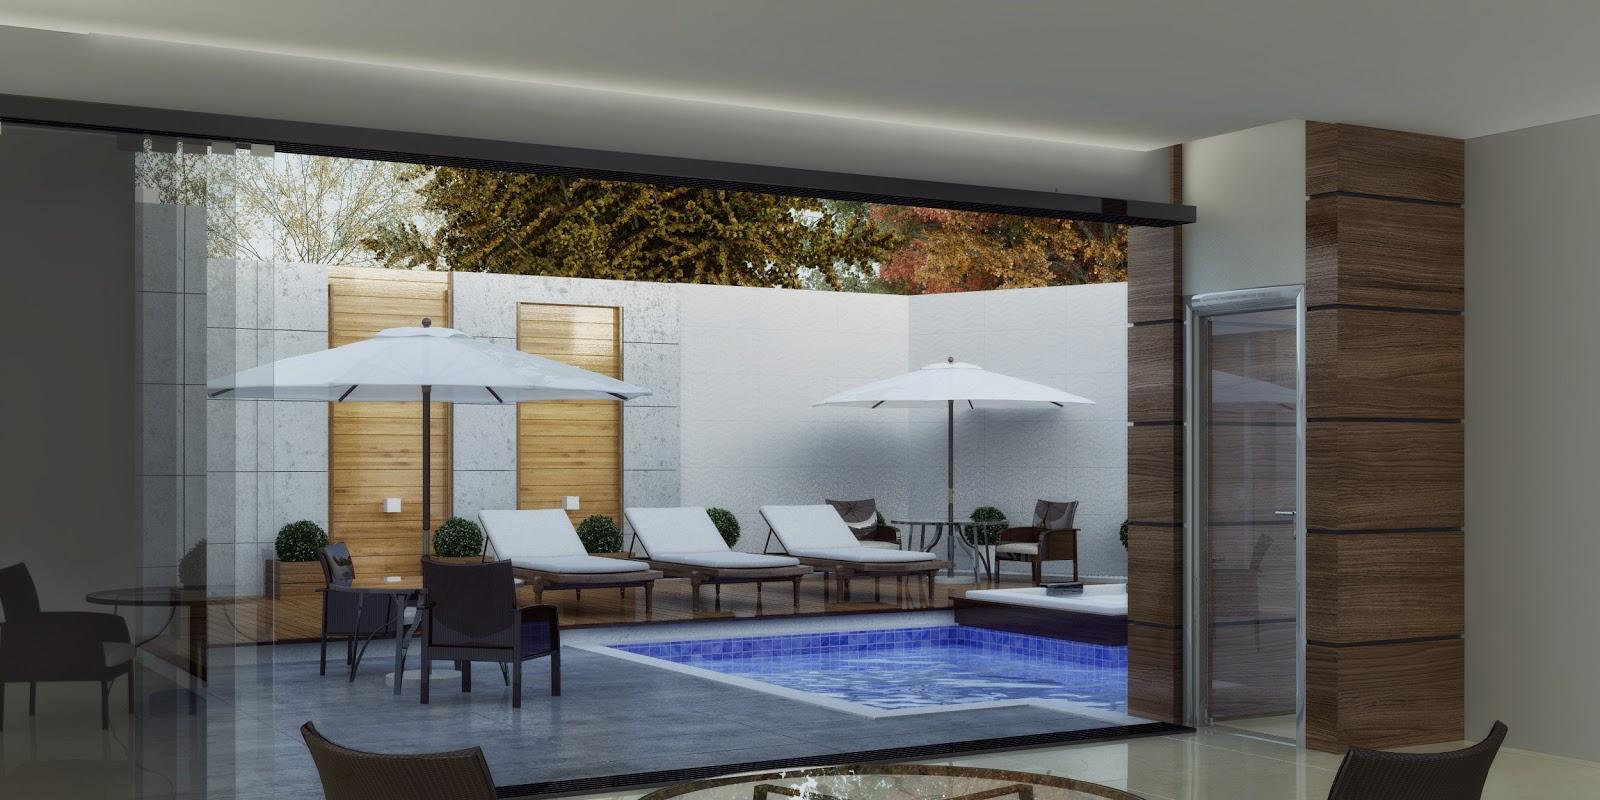 3dsul maquete eletr nica 3d casa moderna com piscina for Casa moderno a